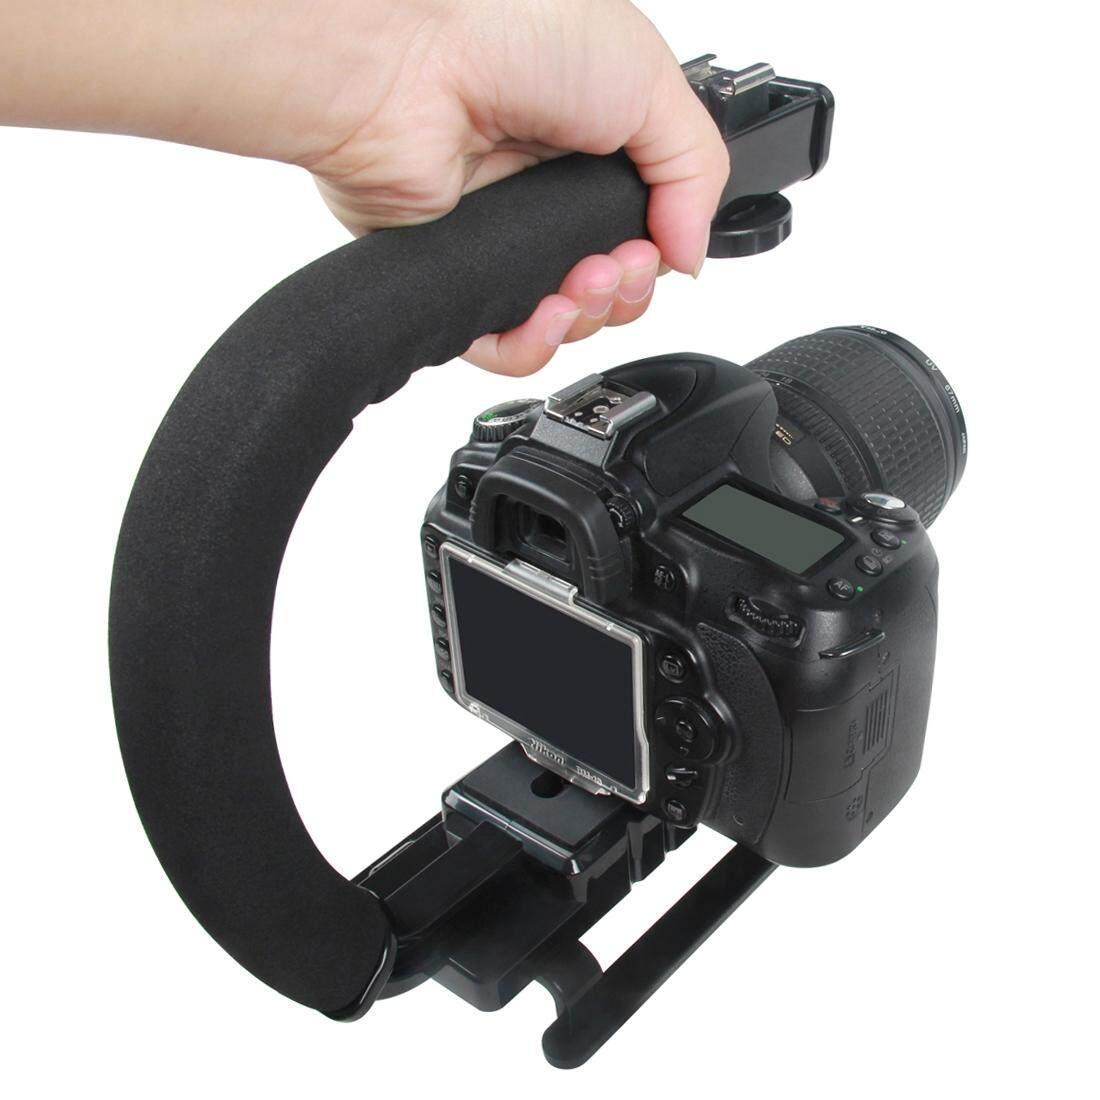 Gracefulvara Kamera Bahu Leher Vintage Tali Sabuk untuk Sony Nikon Canon ... Source ·. Source · Yelangu S2-1 YLG0106B-A Pegangan Video Berbentuk C DV Braket